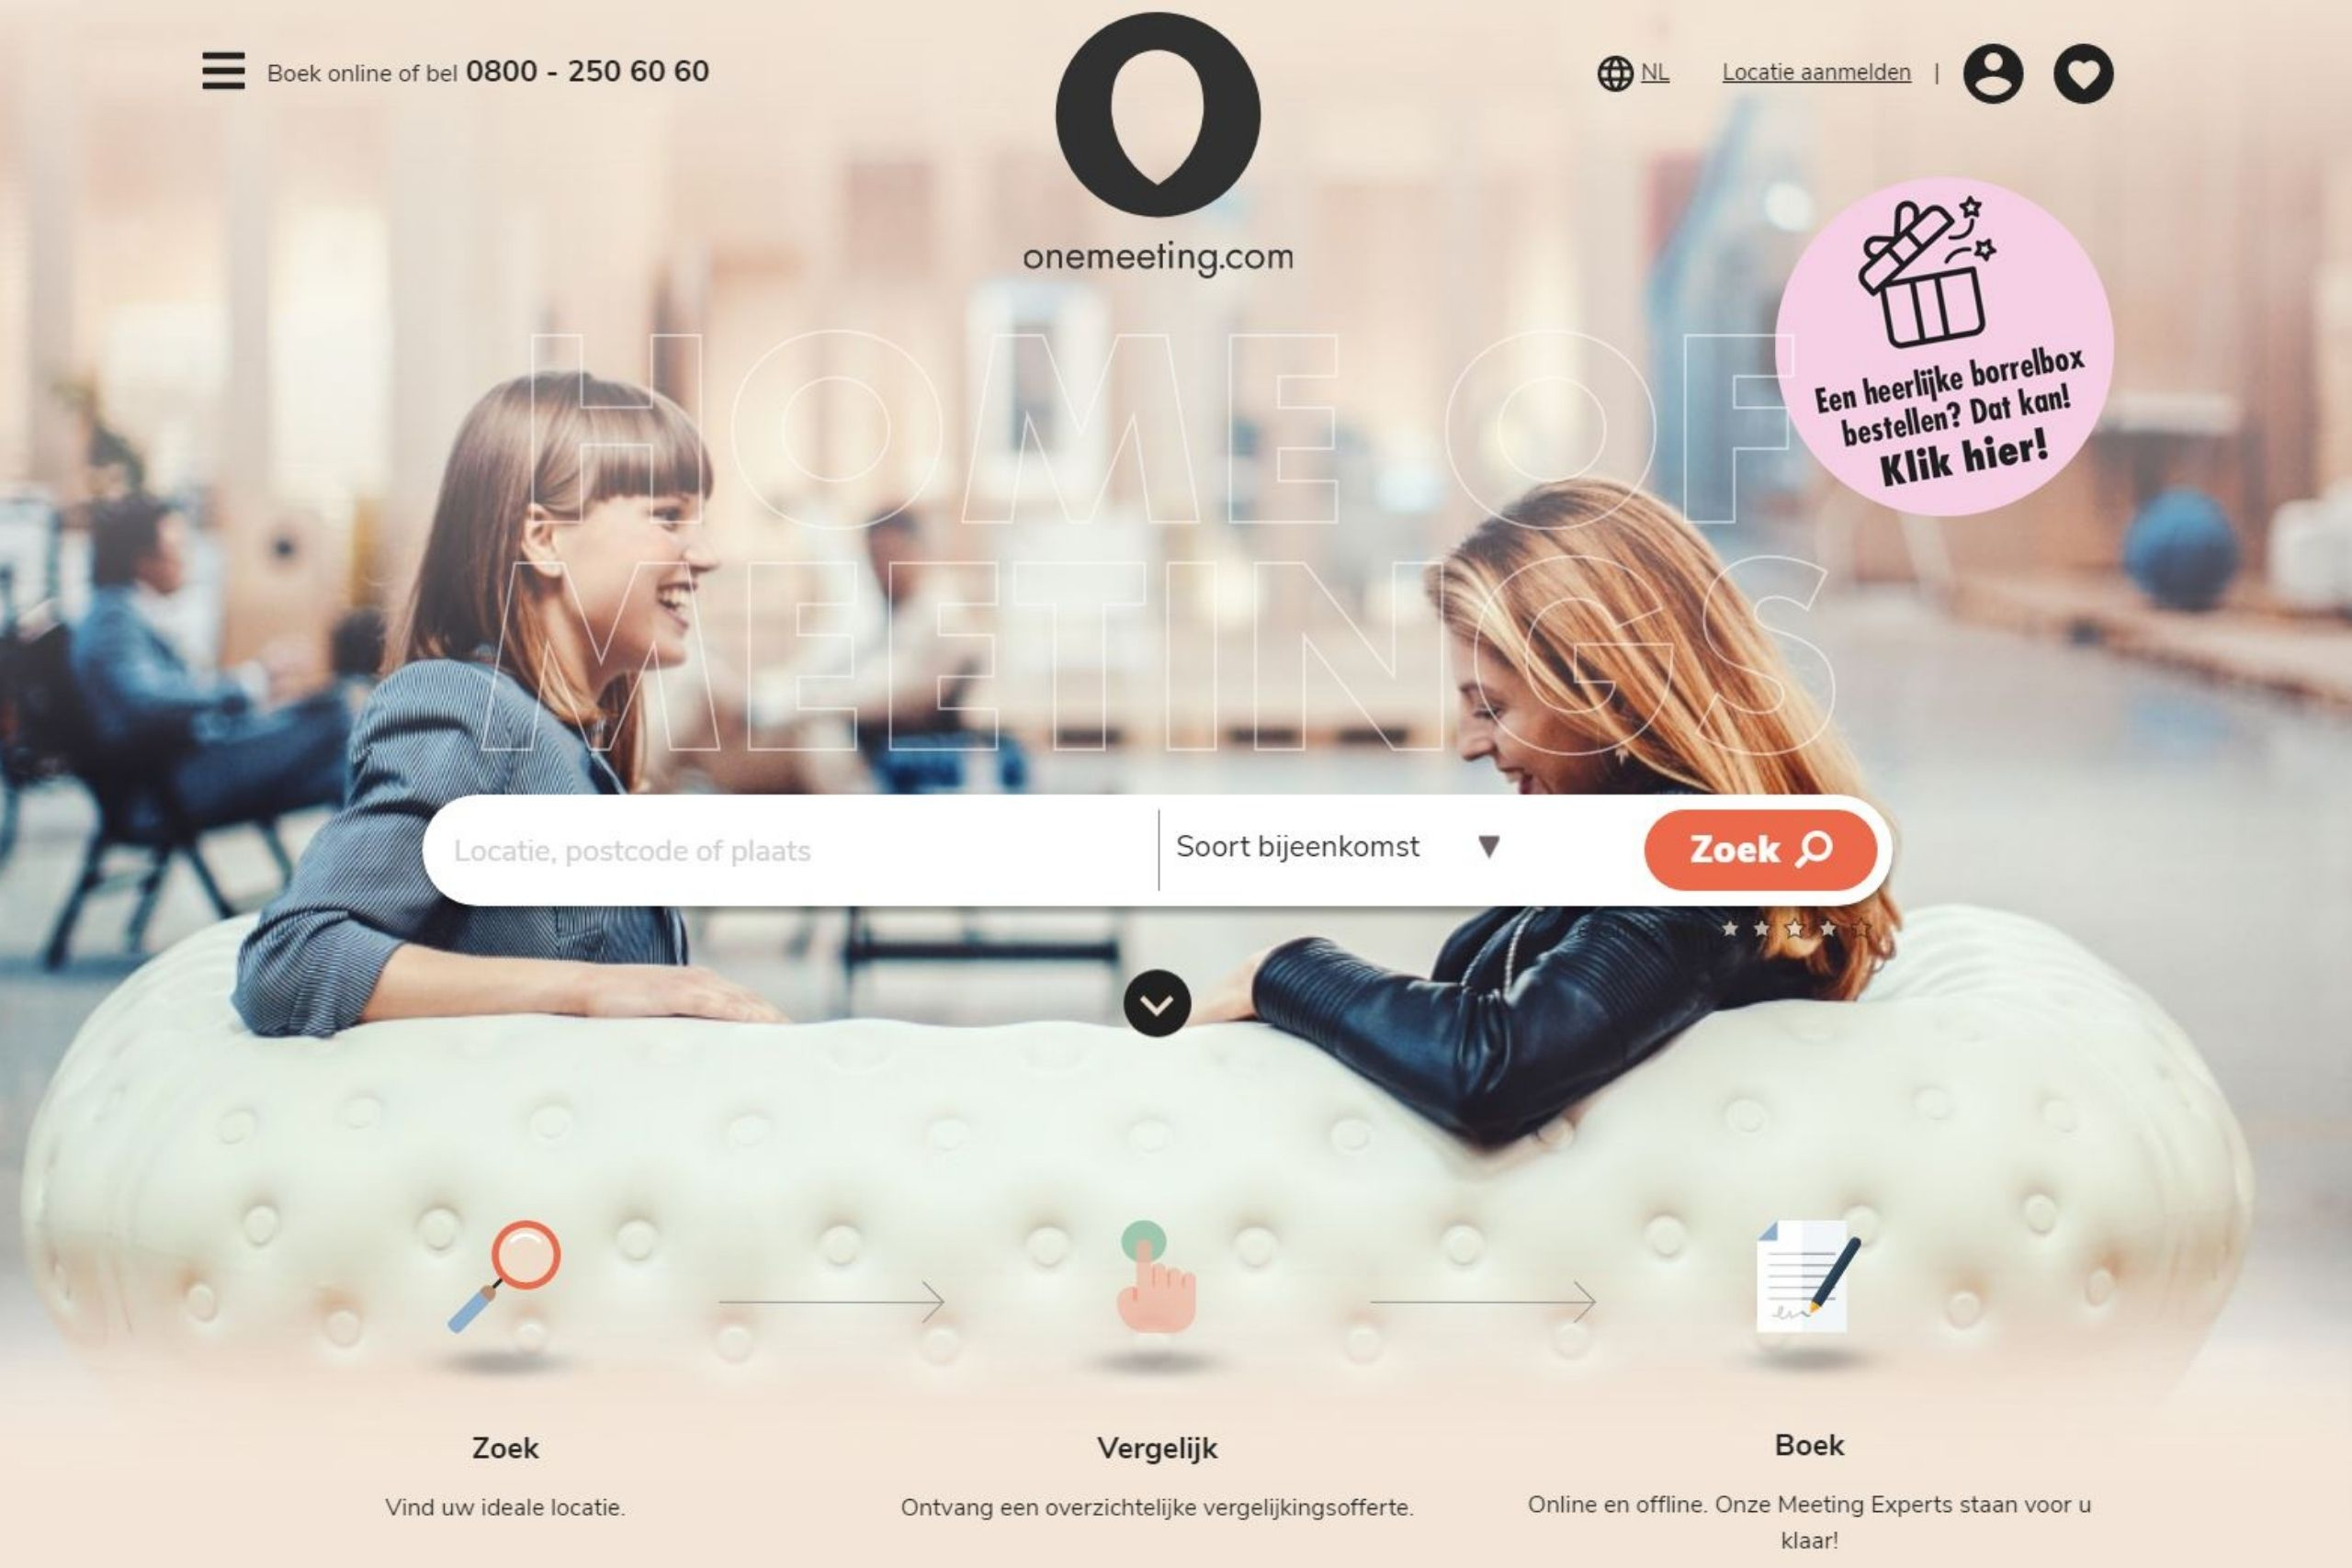 Homepagina Onemeeting.com